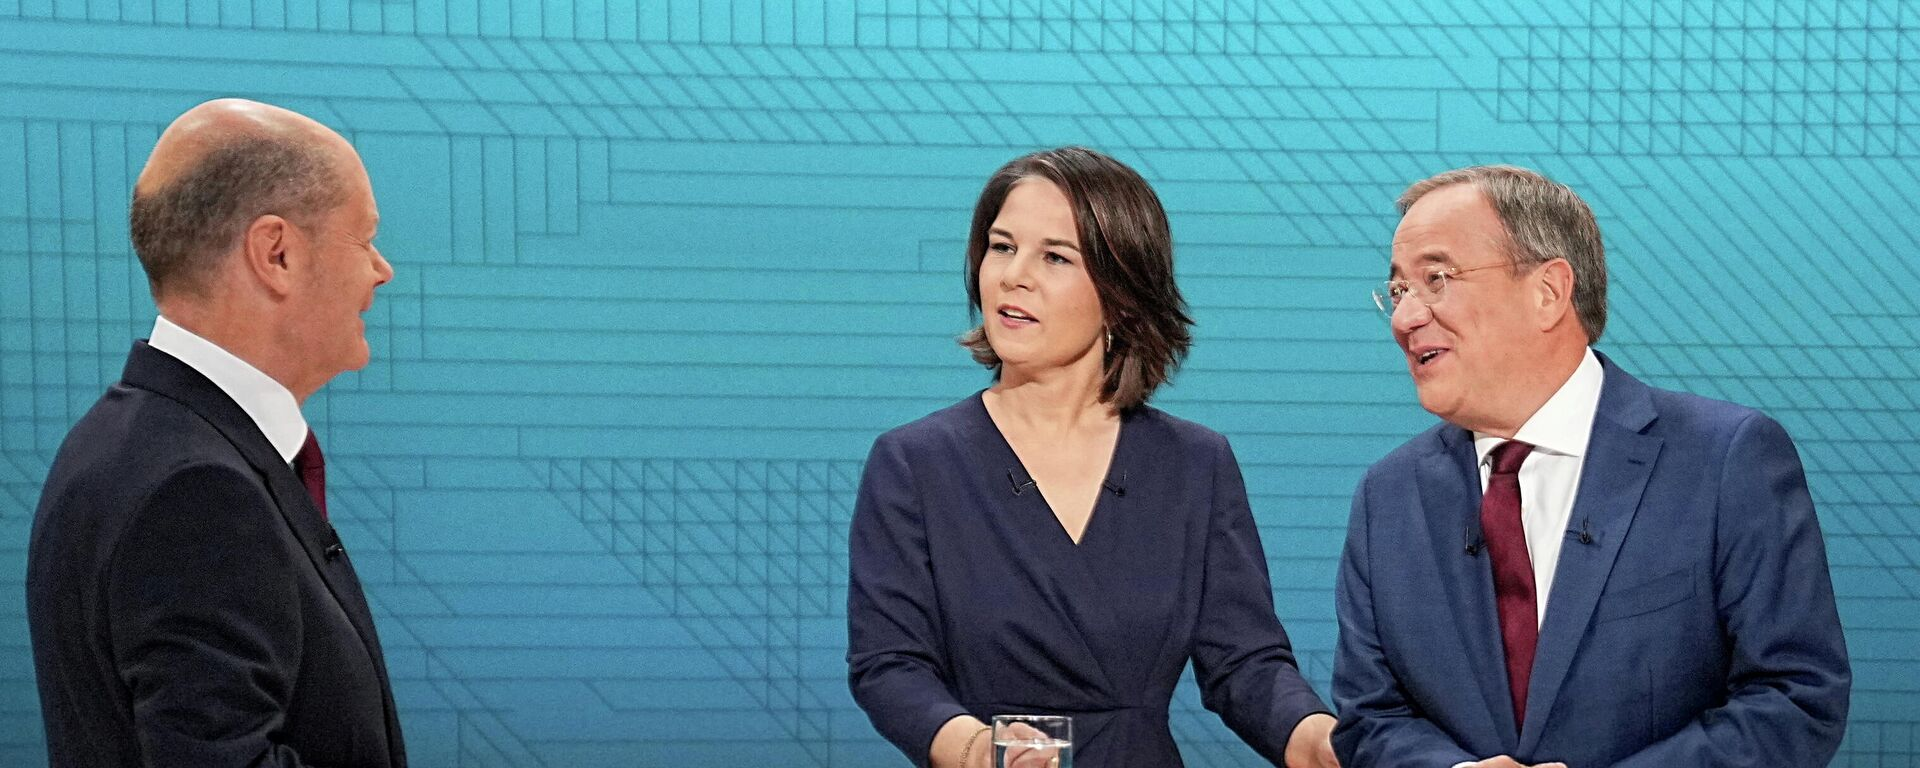 Kanzlerkandidatin Annalena Baerbock (Grüne) und Kanzlerkandidaten Armin Laschet (Union) und Olaf Scholz (SPD) beim Triell, den 12. September. - SNA, 1920, 13.09.2021